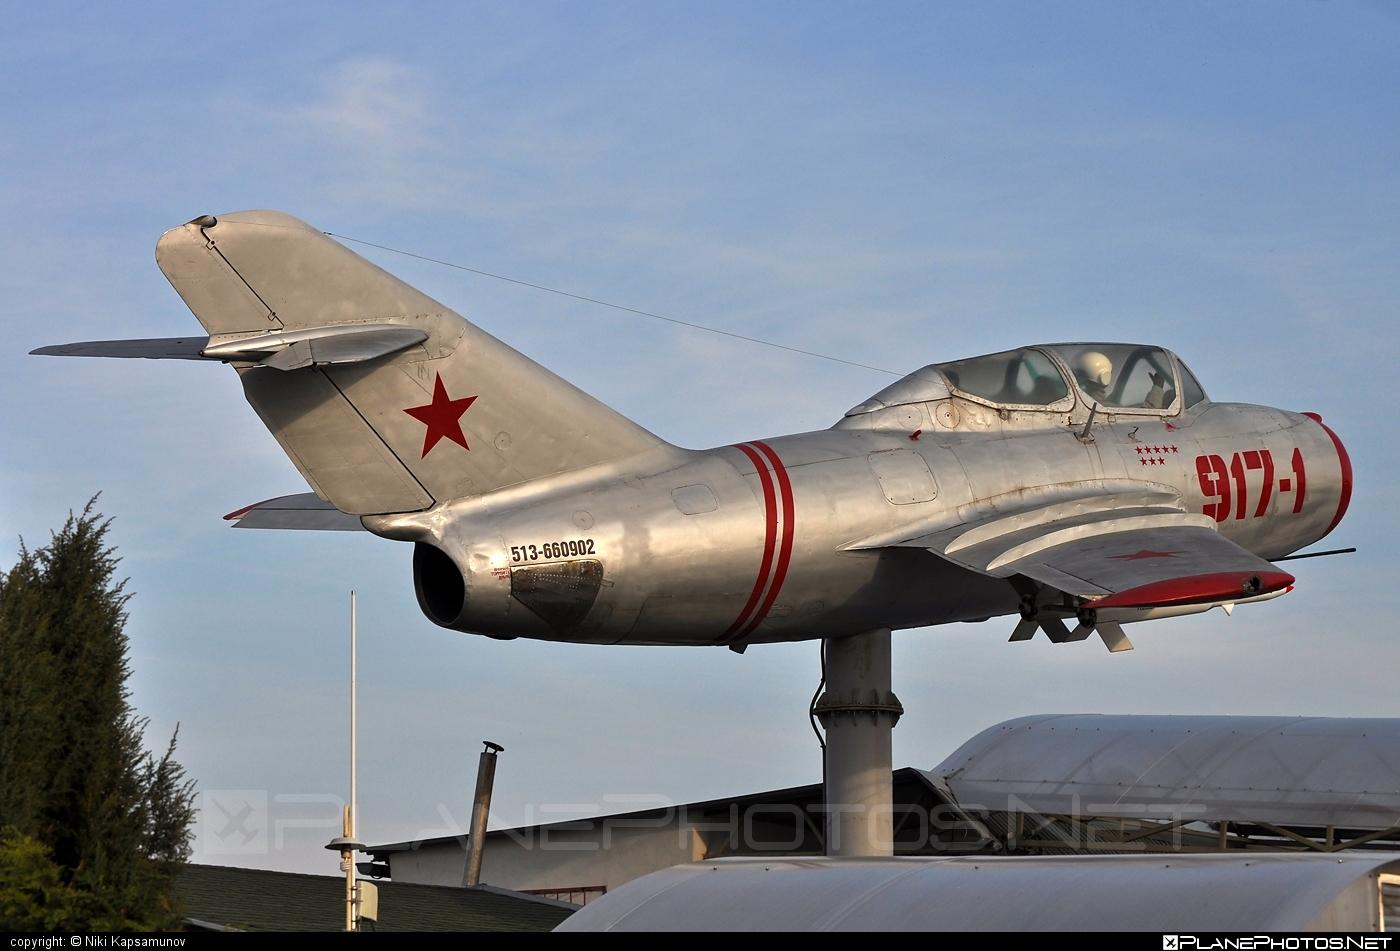 Mikoyan-Gurevich MiG-15UTI - Unknown registration operated by Unknown #mig #mig15 #mig15uti #mikoyangurevich